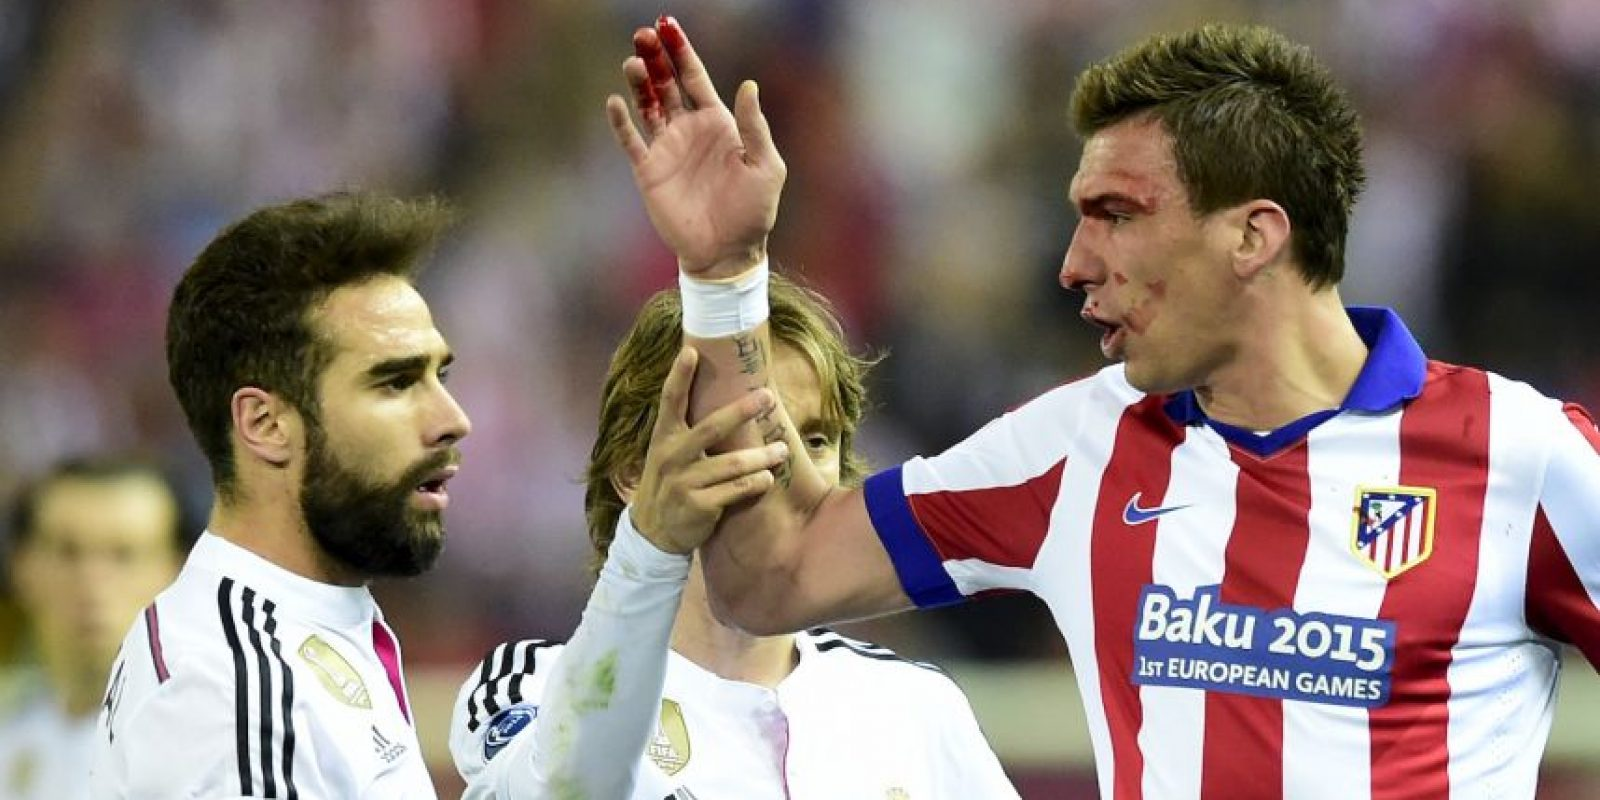 Dani Carvajal del Real Madrid y Mario Mandzukic del Atlético, protagonizaron dos incidentes en el duelo de ida de los cuartos de final de la Champions League. Foto:AFP